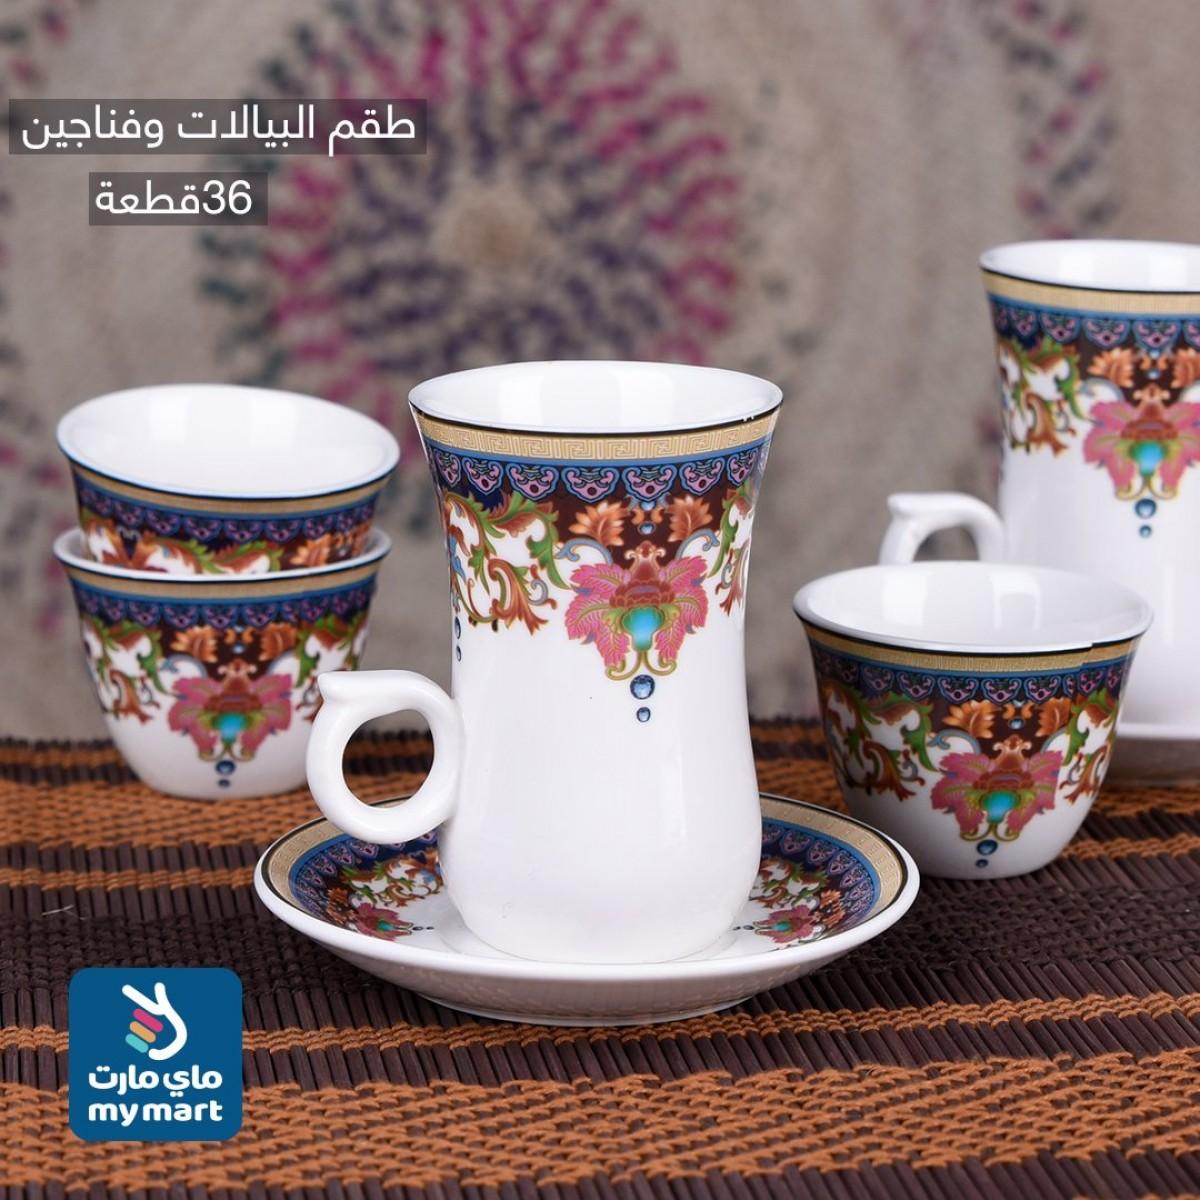 طقم 36 قطعة  فناجين قهوة وبيالات شاي مع الصحون موديل 124573